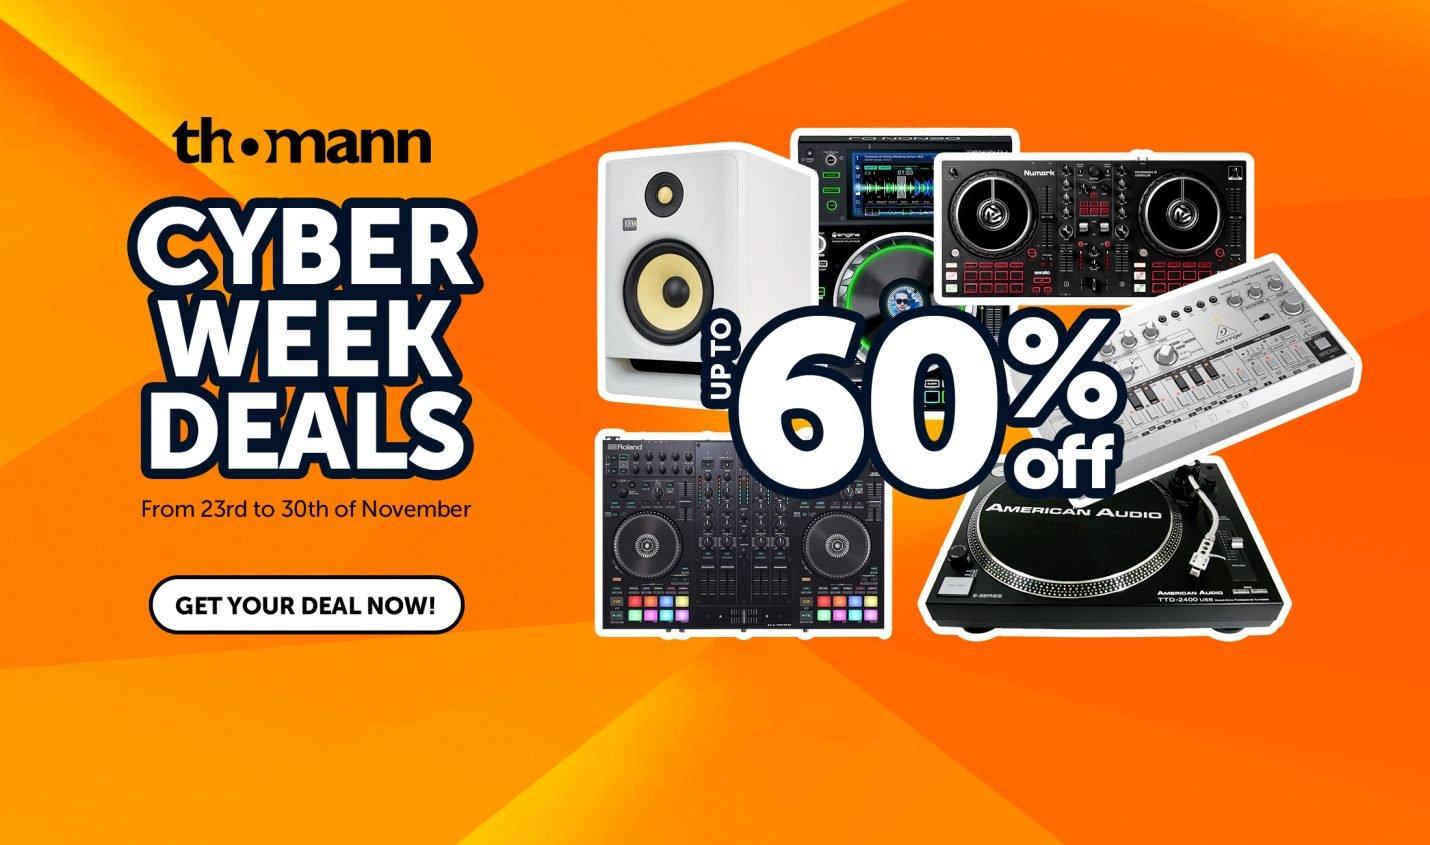 Cyber-Week: Thomann mit bis zu 60% Rabatt